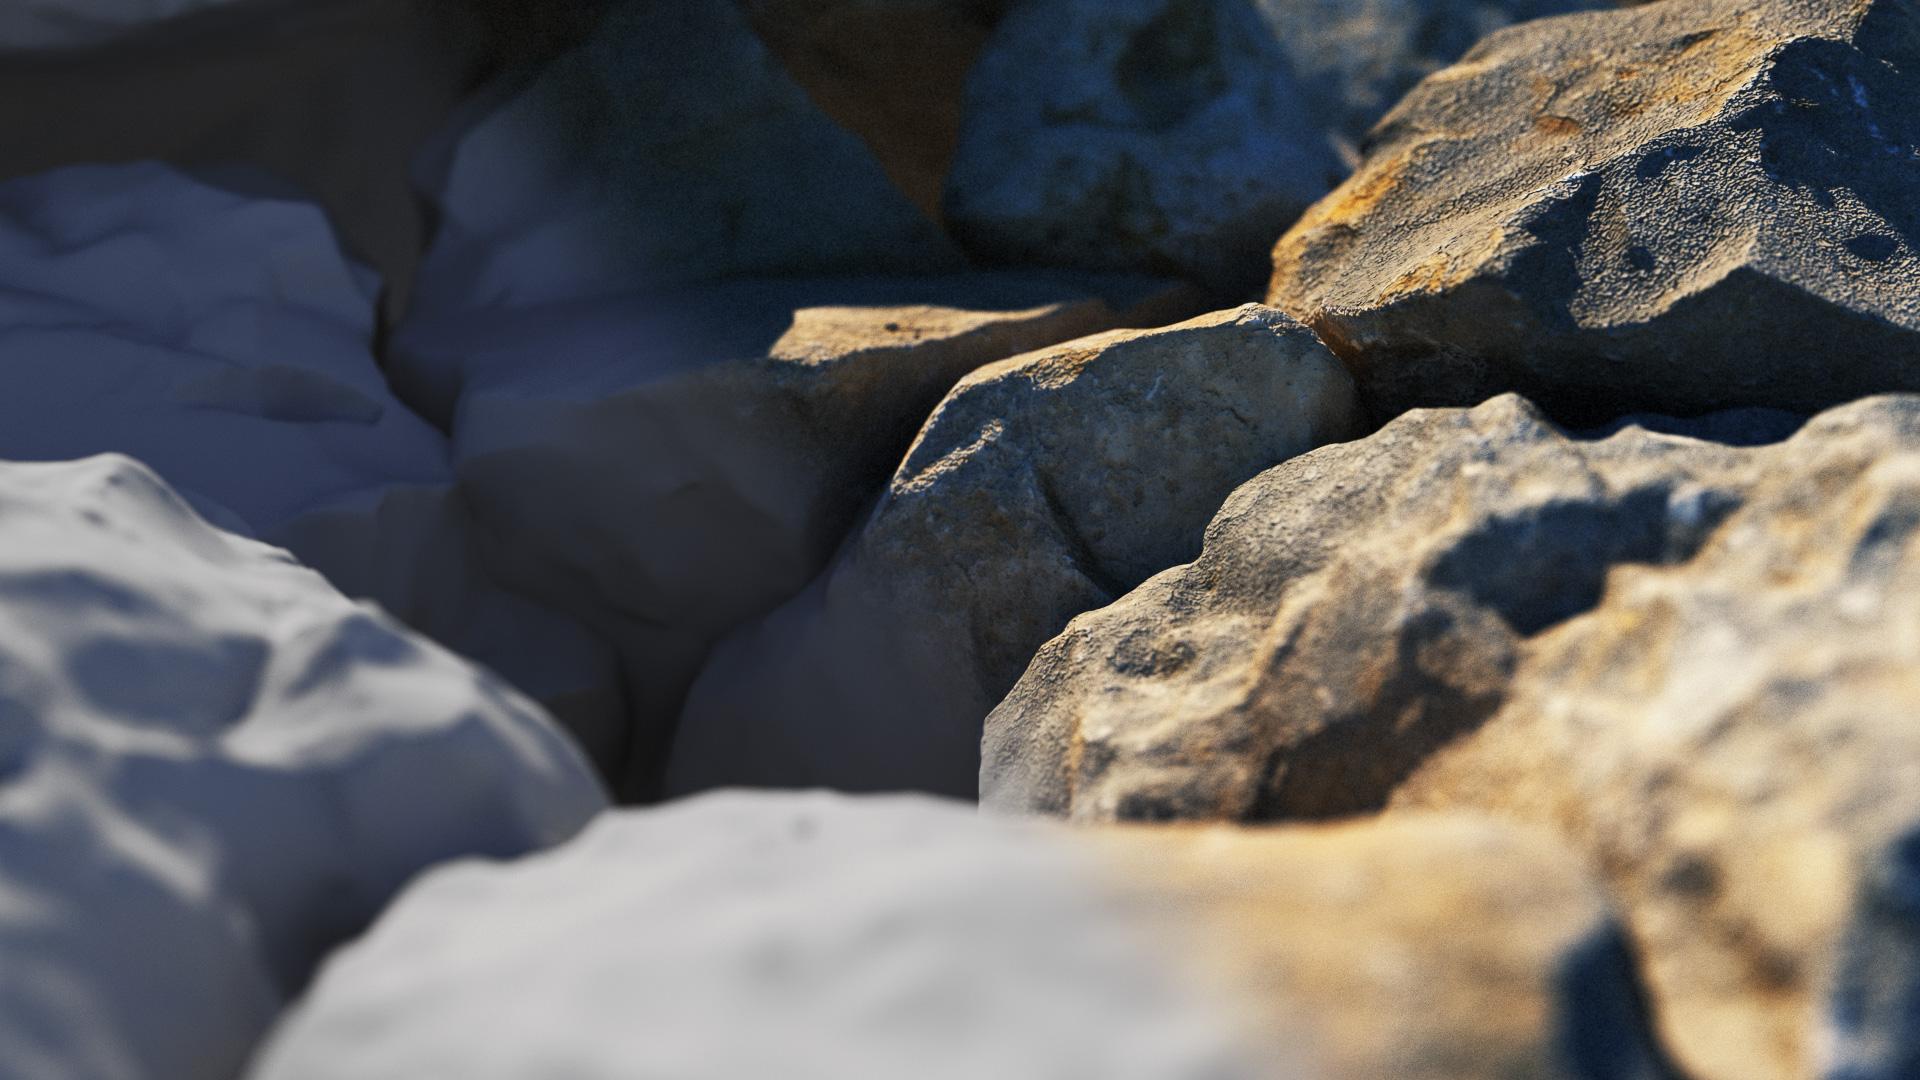 Download 3D Rock Models (5+ Free!)